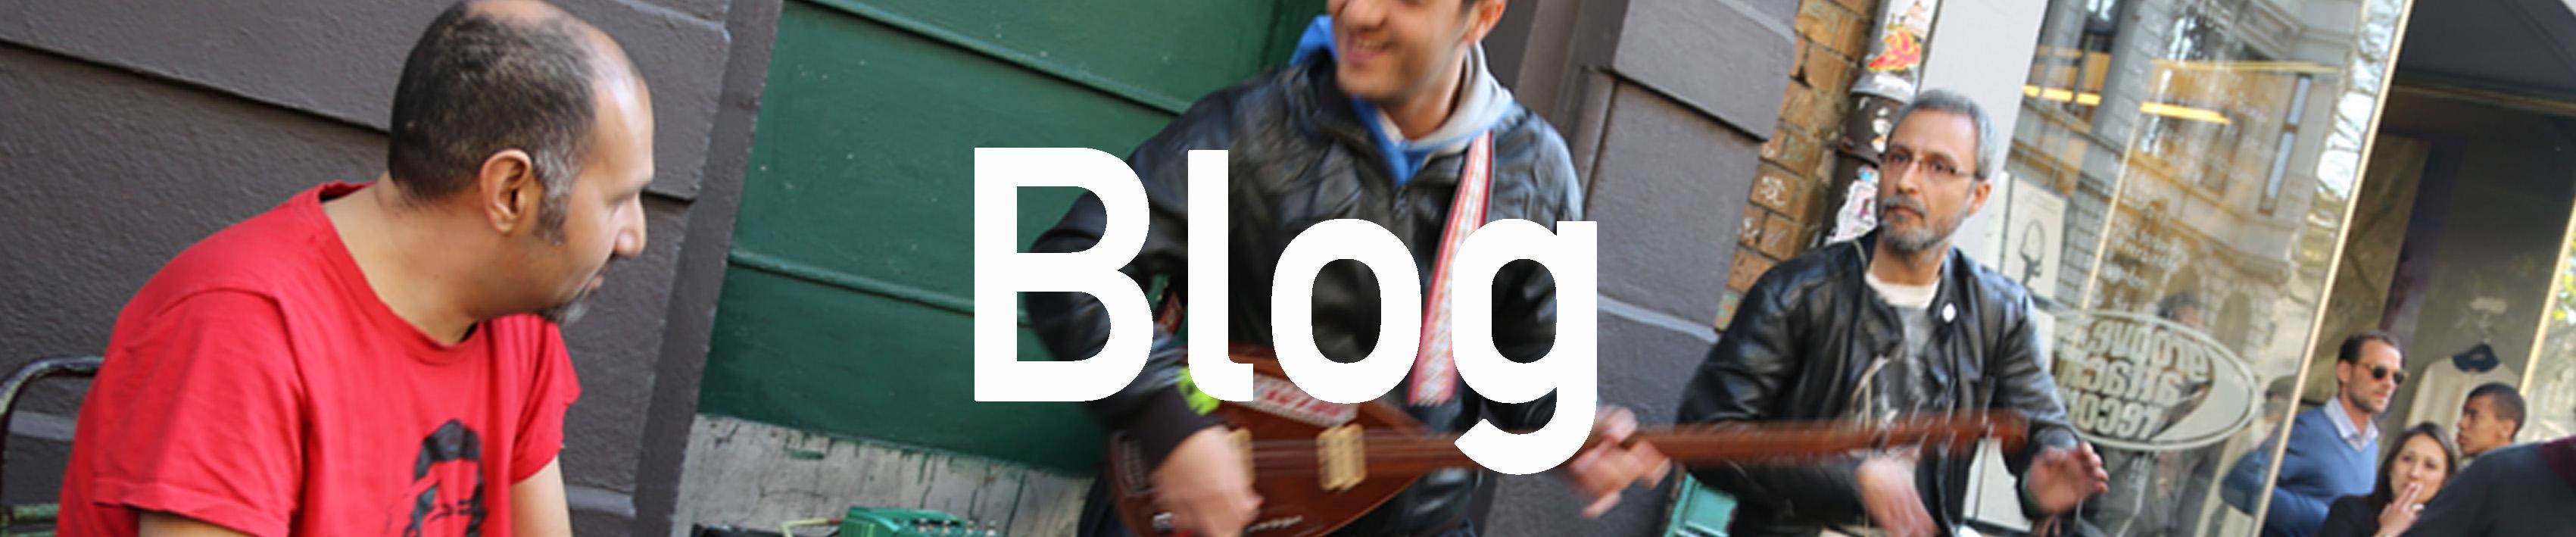 blogslider-moii-b-3